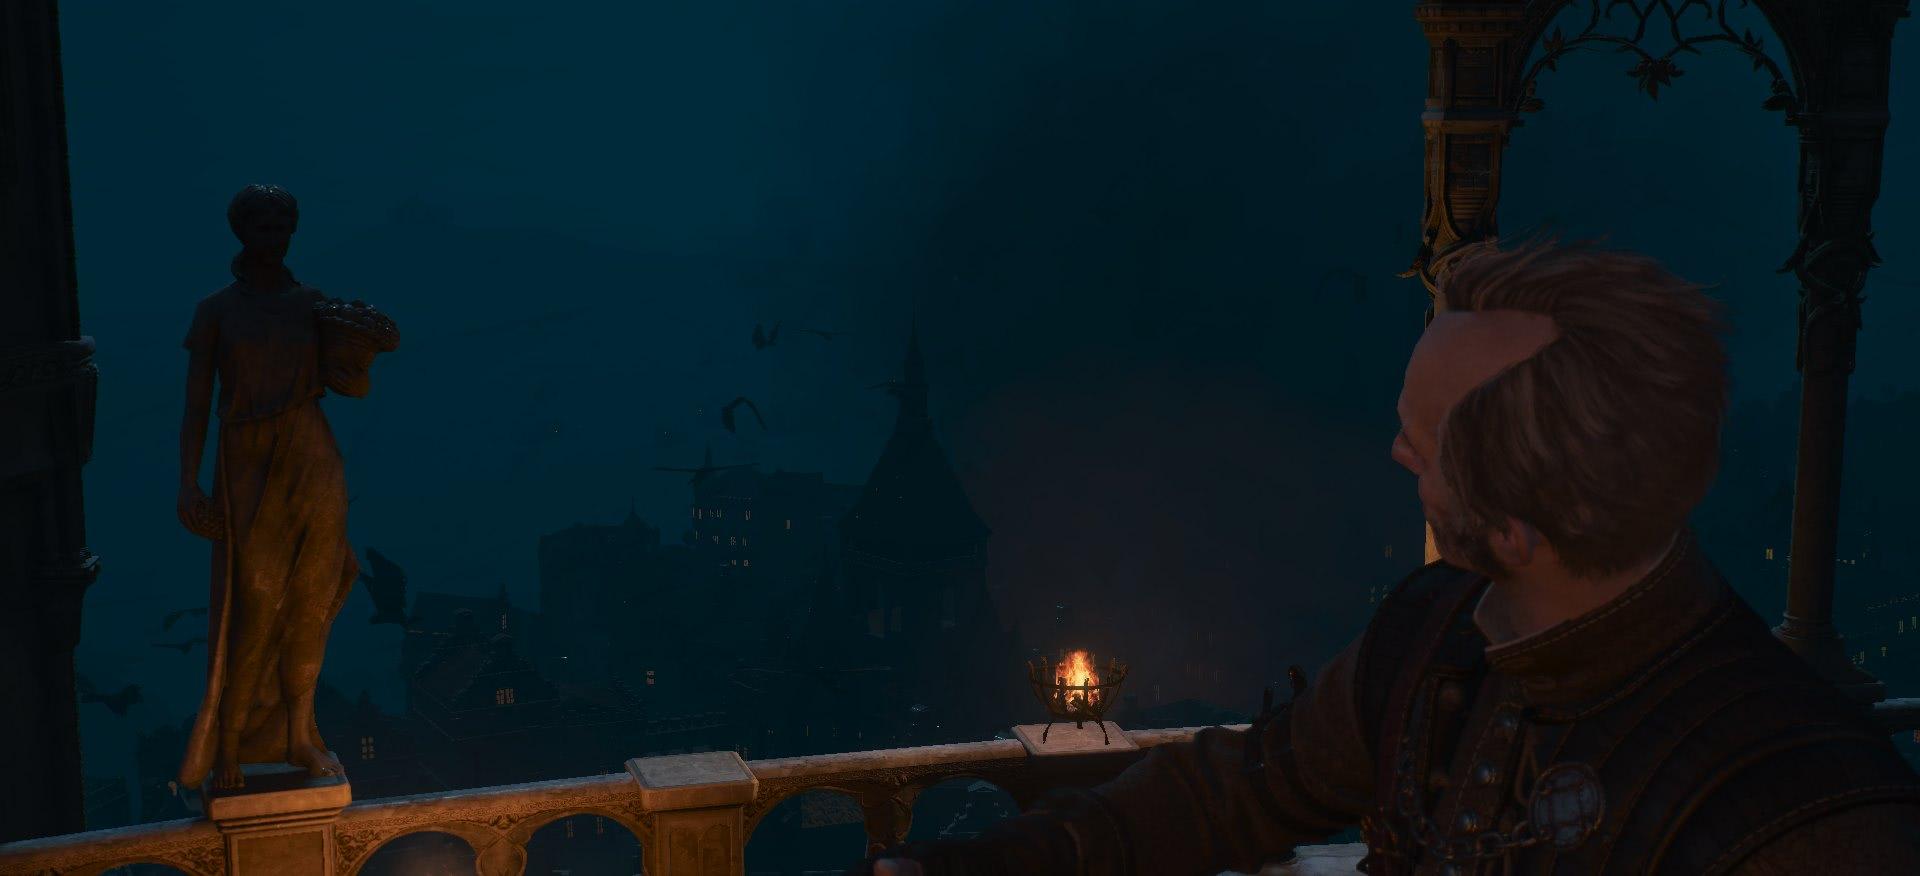 witcher3 Долгая ночь1